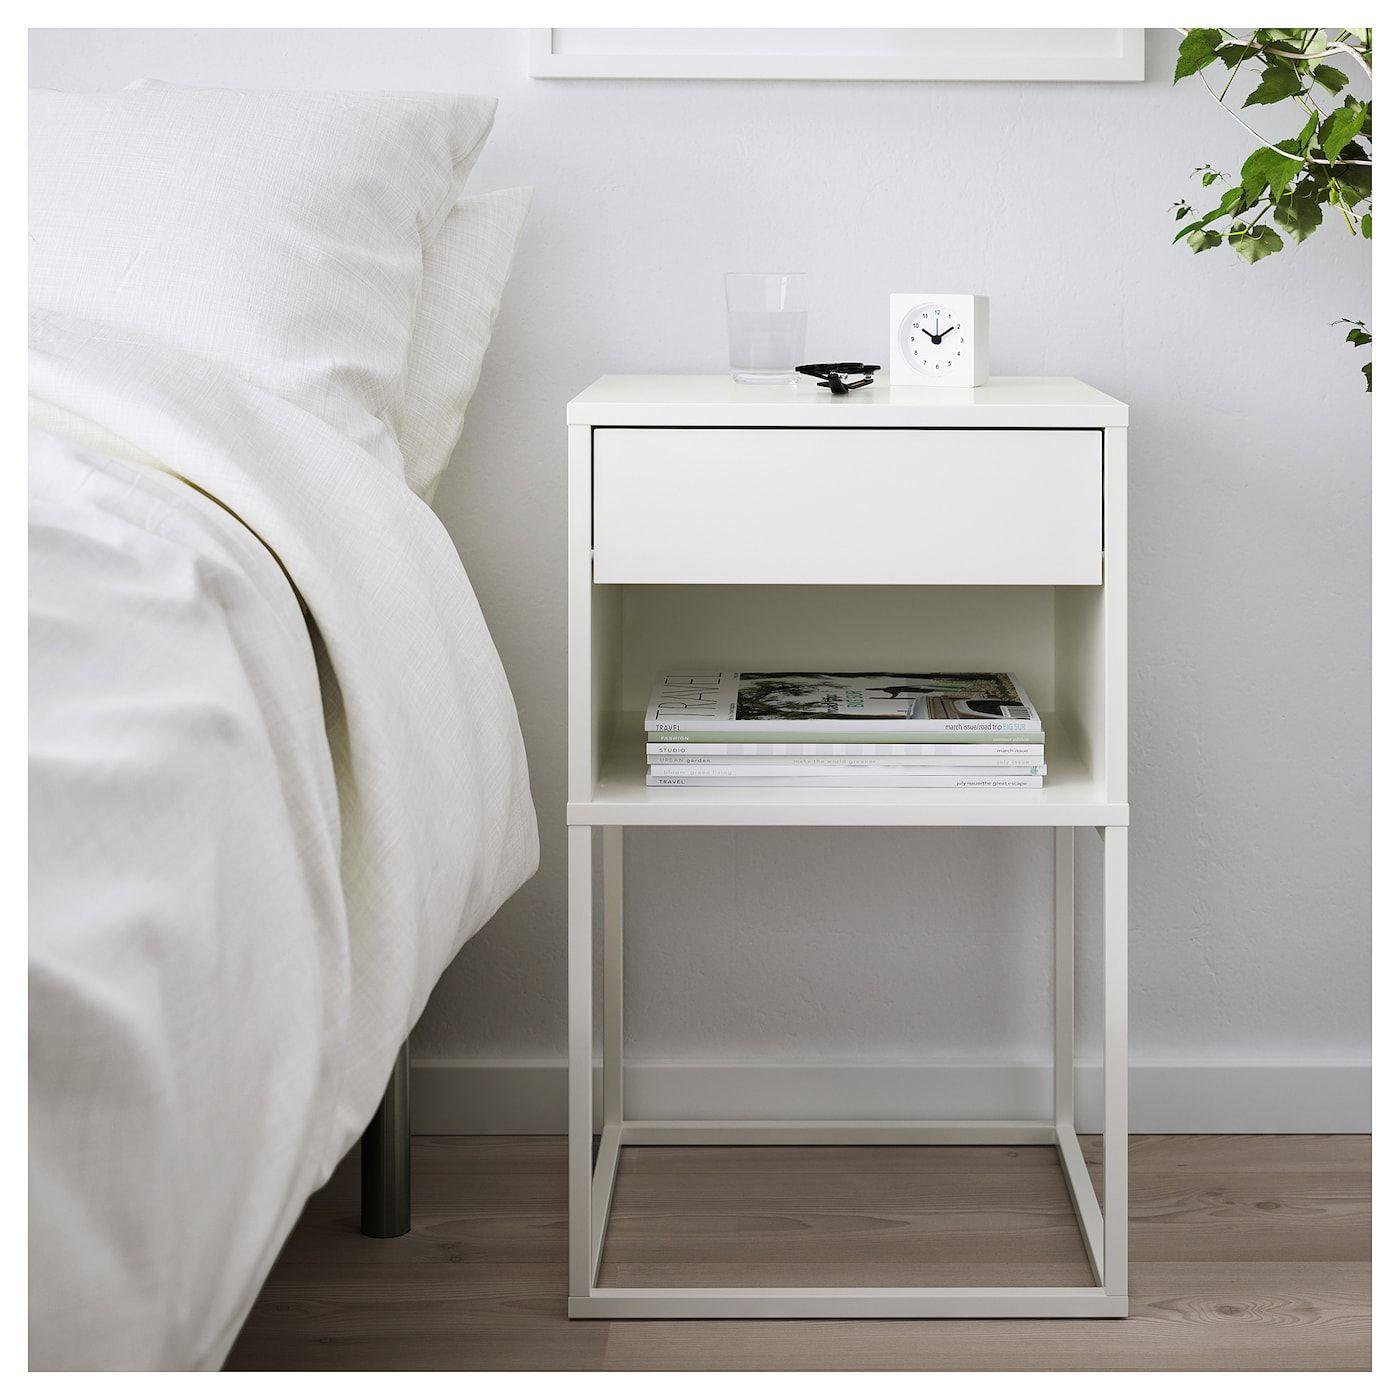 Vikhammer Nattbord Hvit Ikea White Bedside Table White Nightstand Bedroom Night Stands